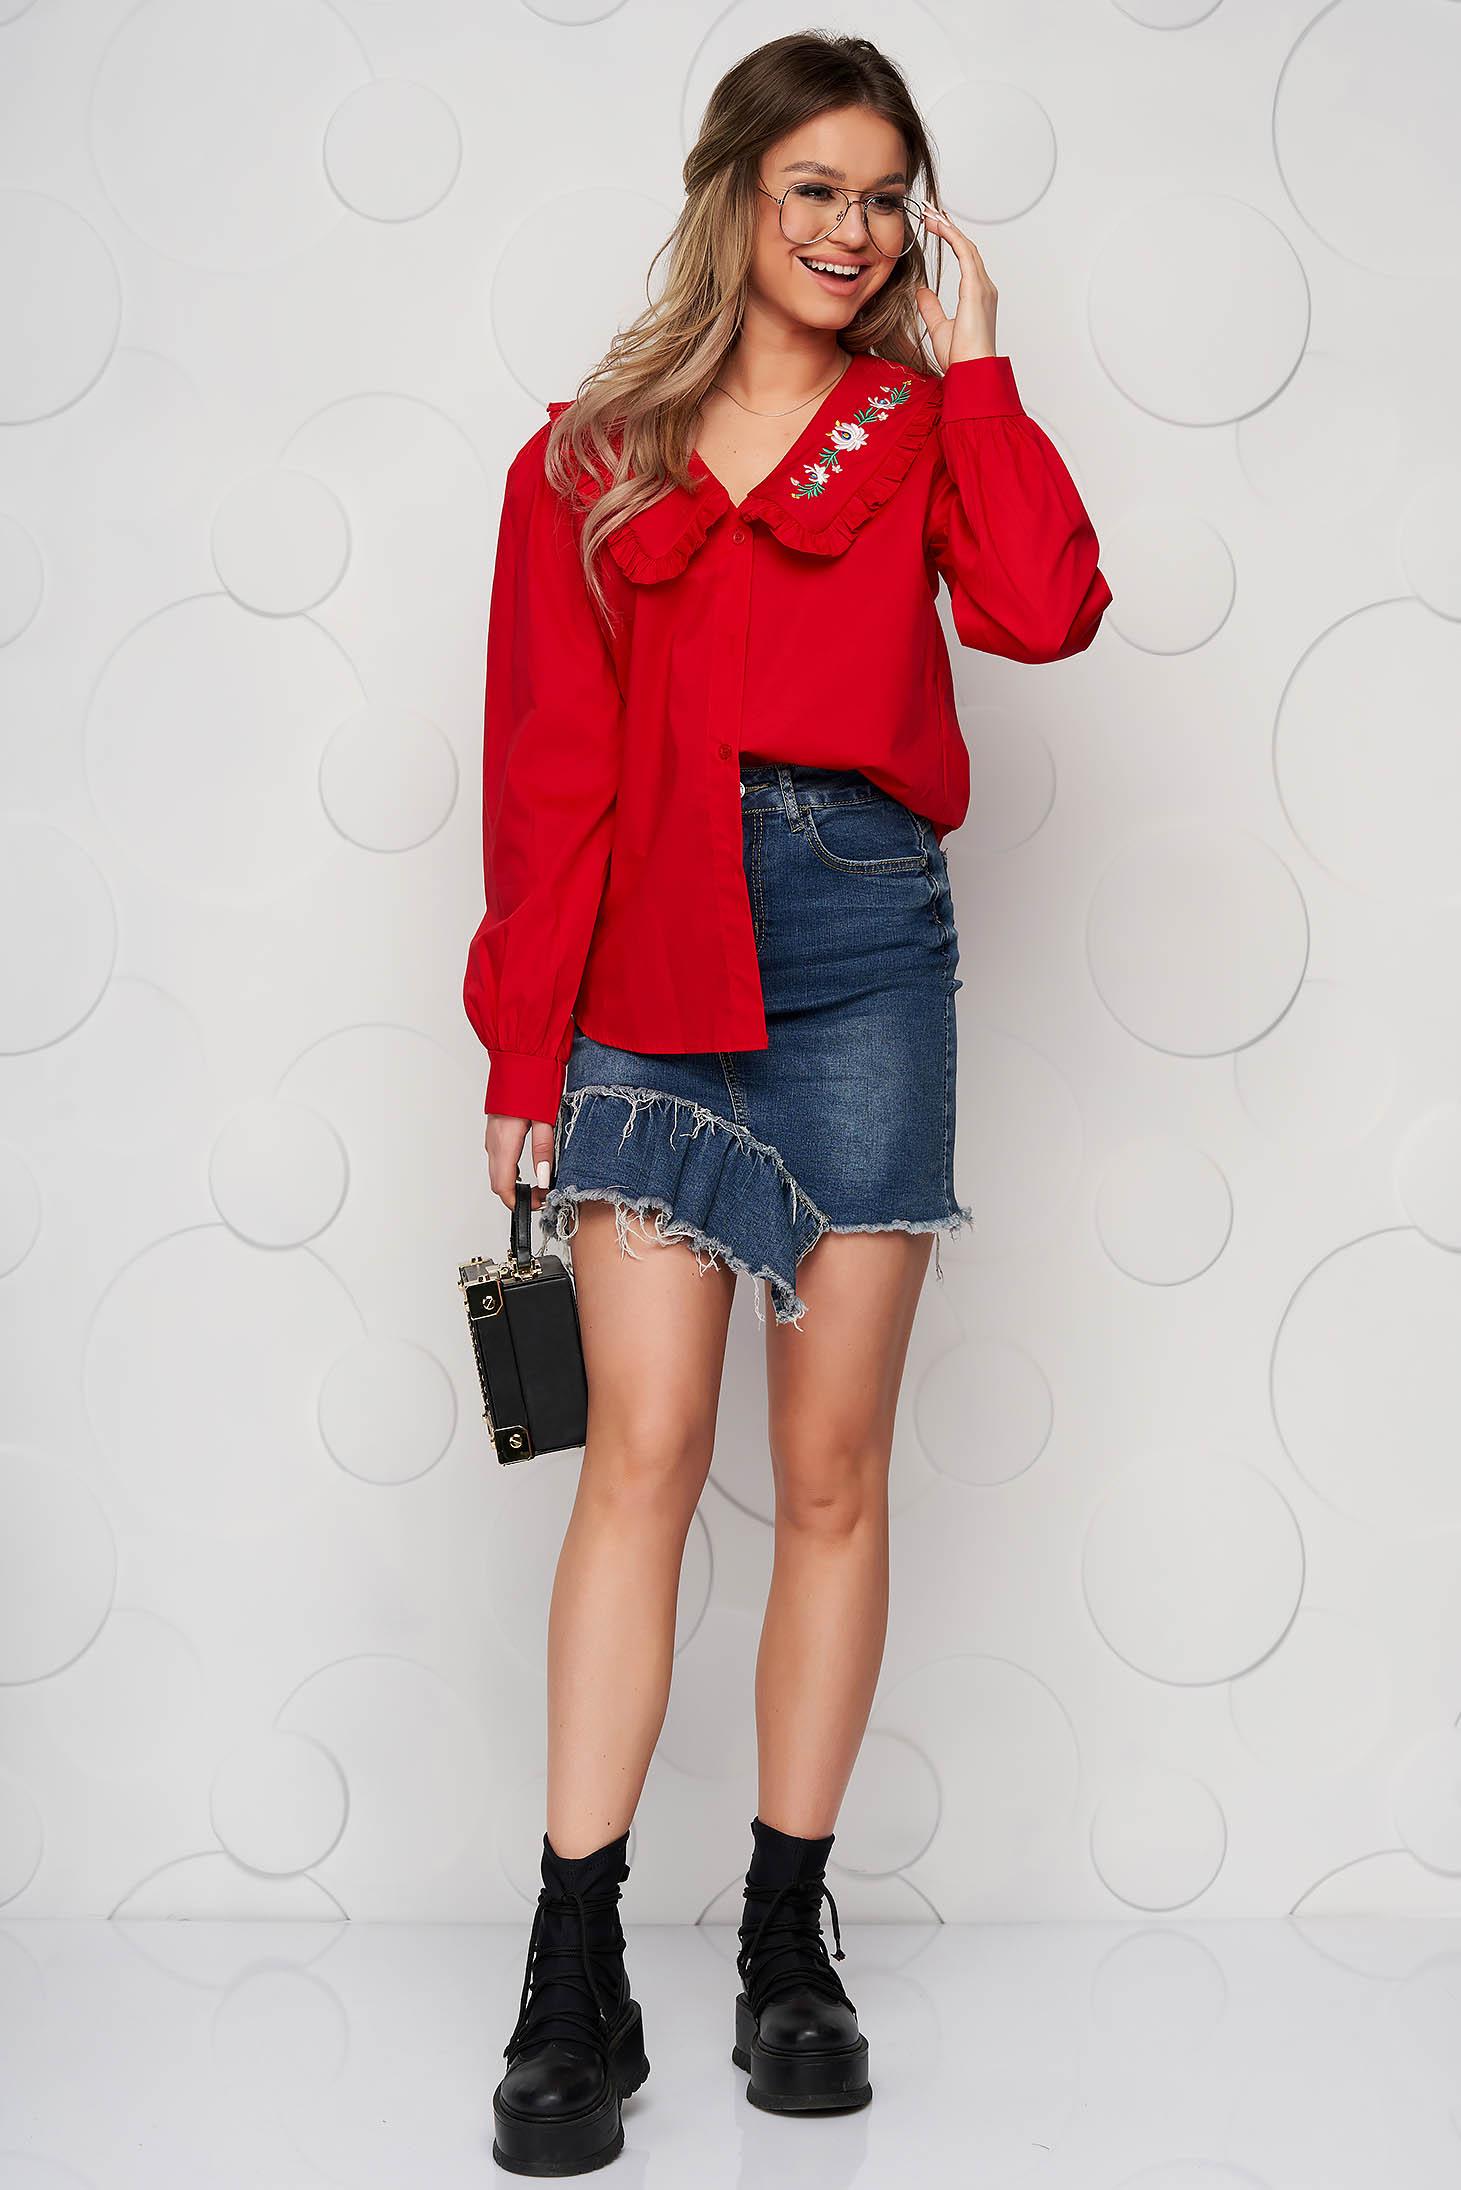 Camasa dama SunShine rosie brodata din bumbac cu croi larg si guler cu volanase